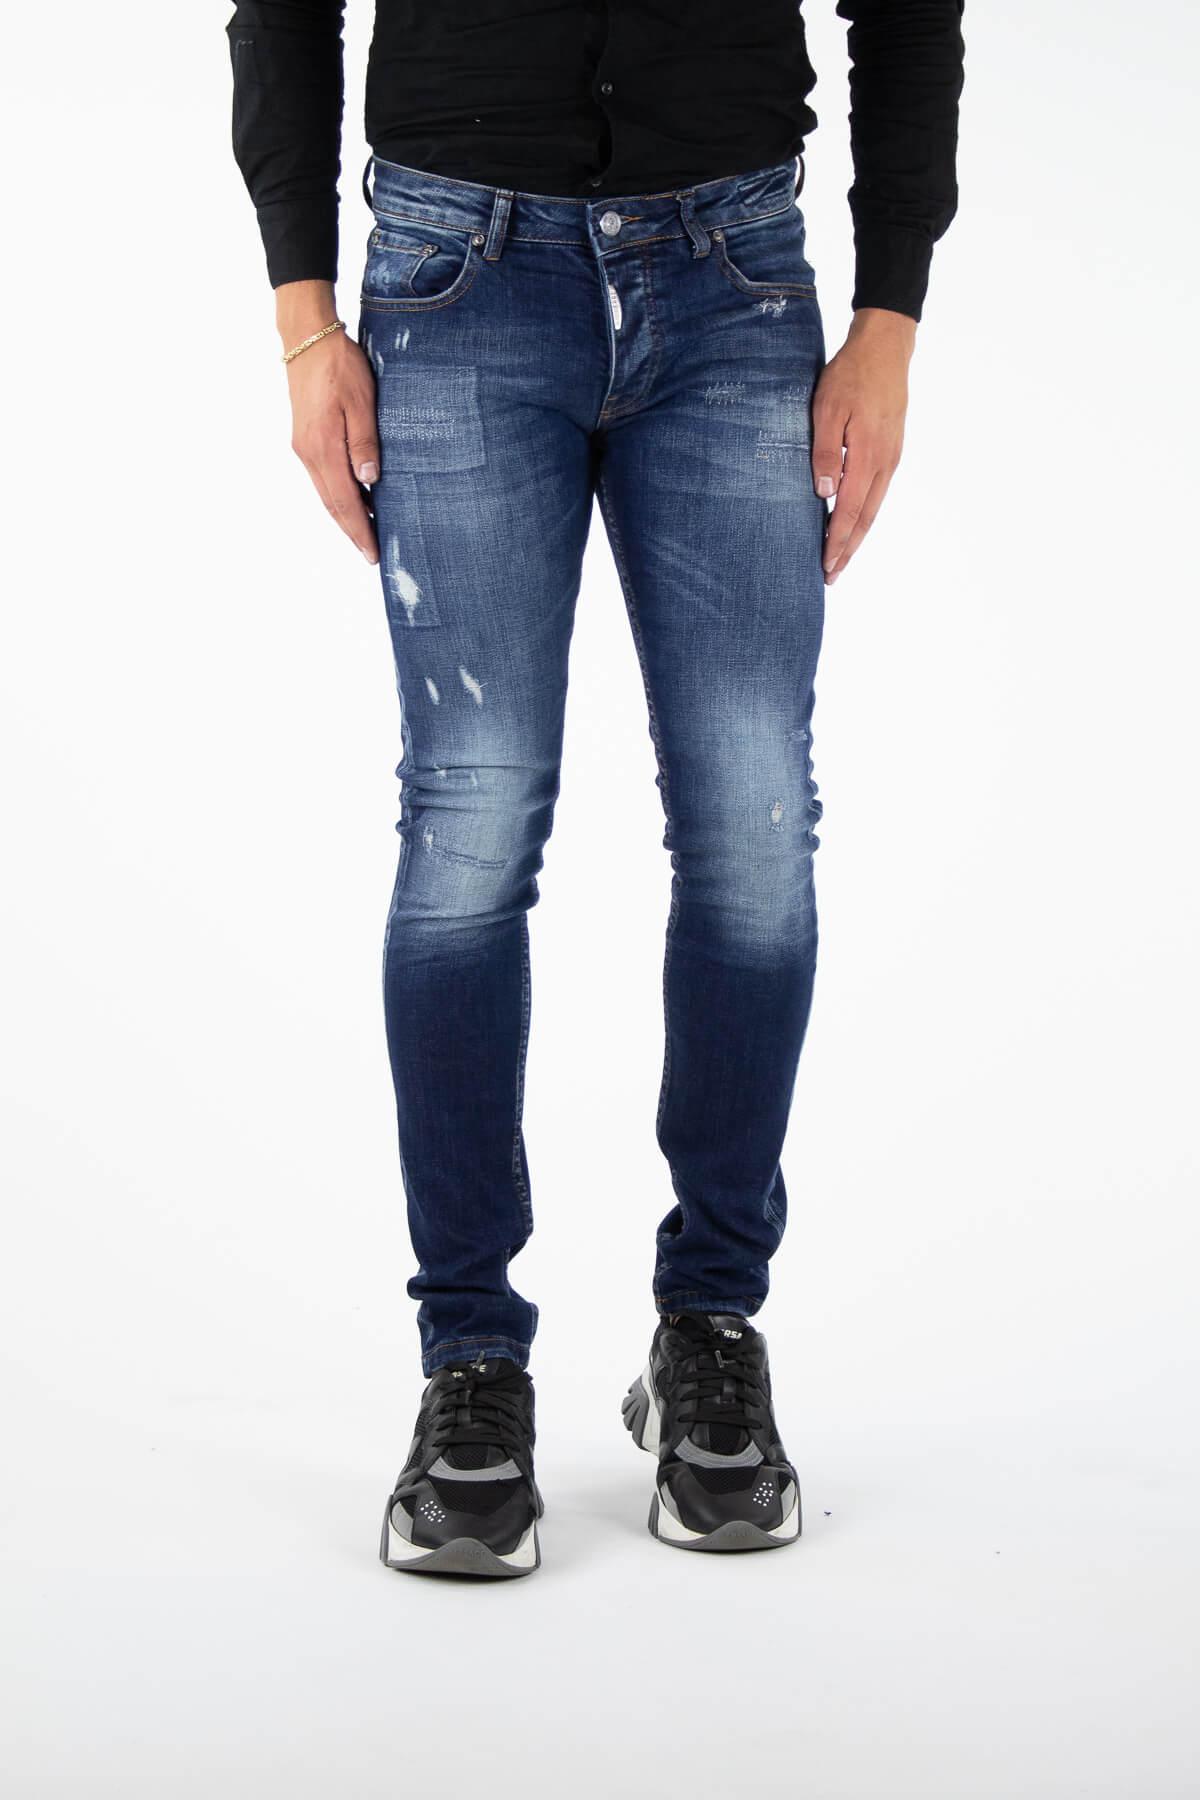 Sorrento Blue Jeans-1